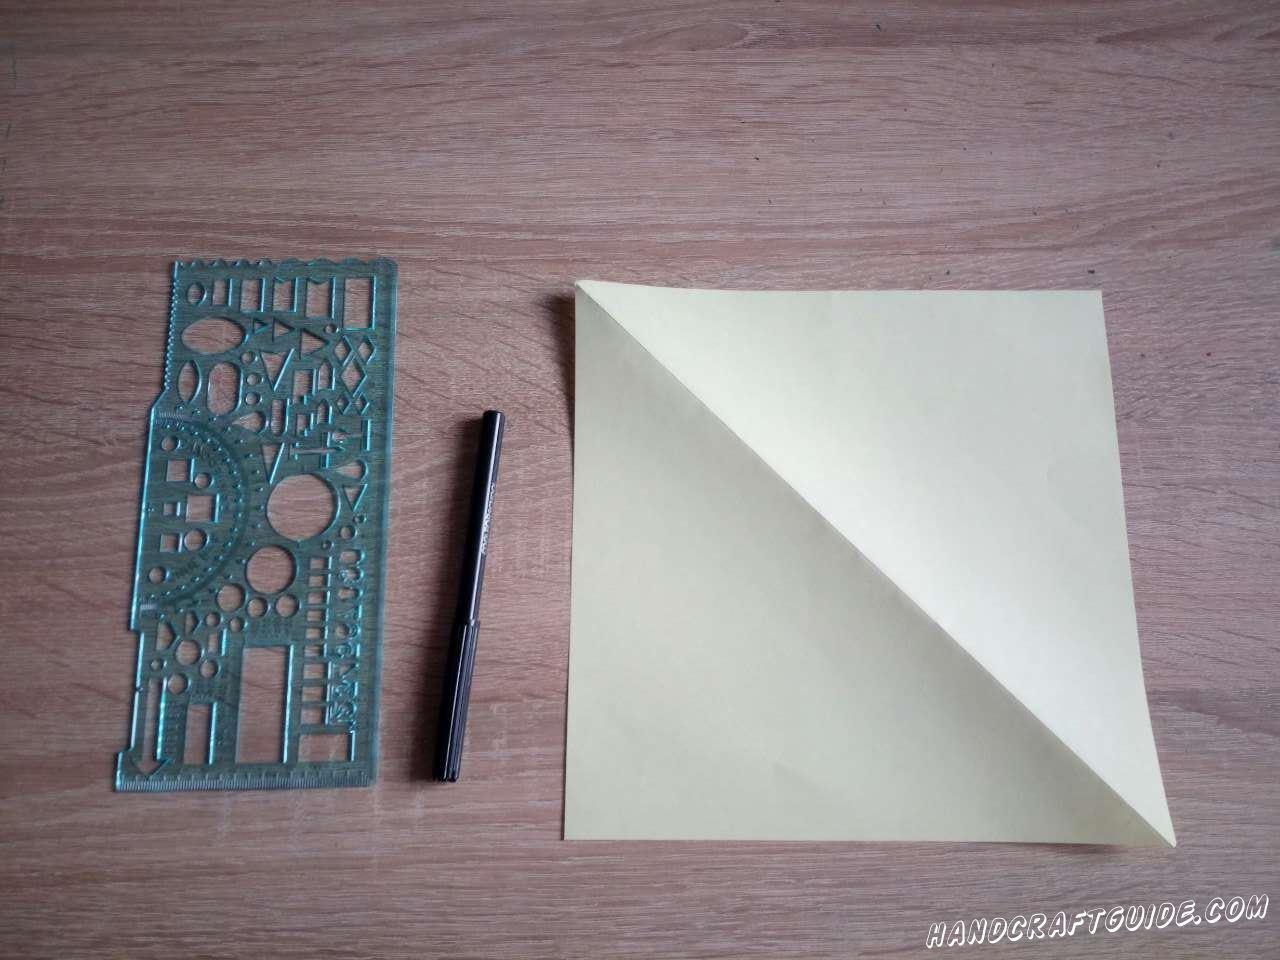 Берём светлую бумагу для оригами или вырезаем квадрат из обычной. Сгибаем в треугольник и разворачиваем